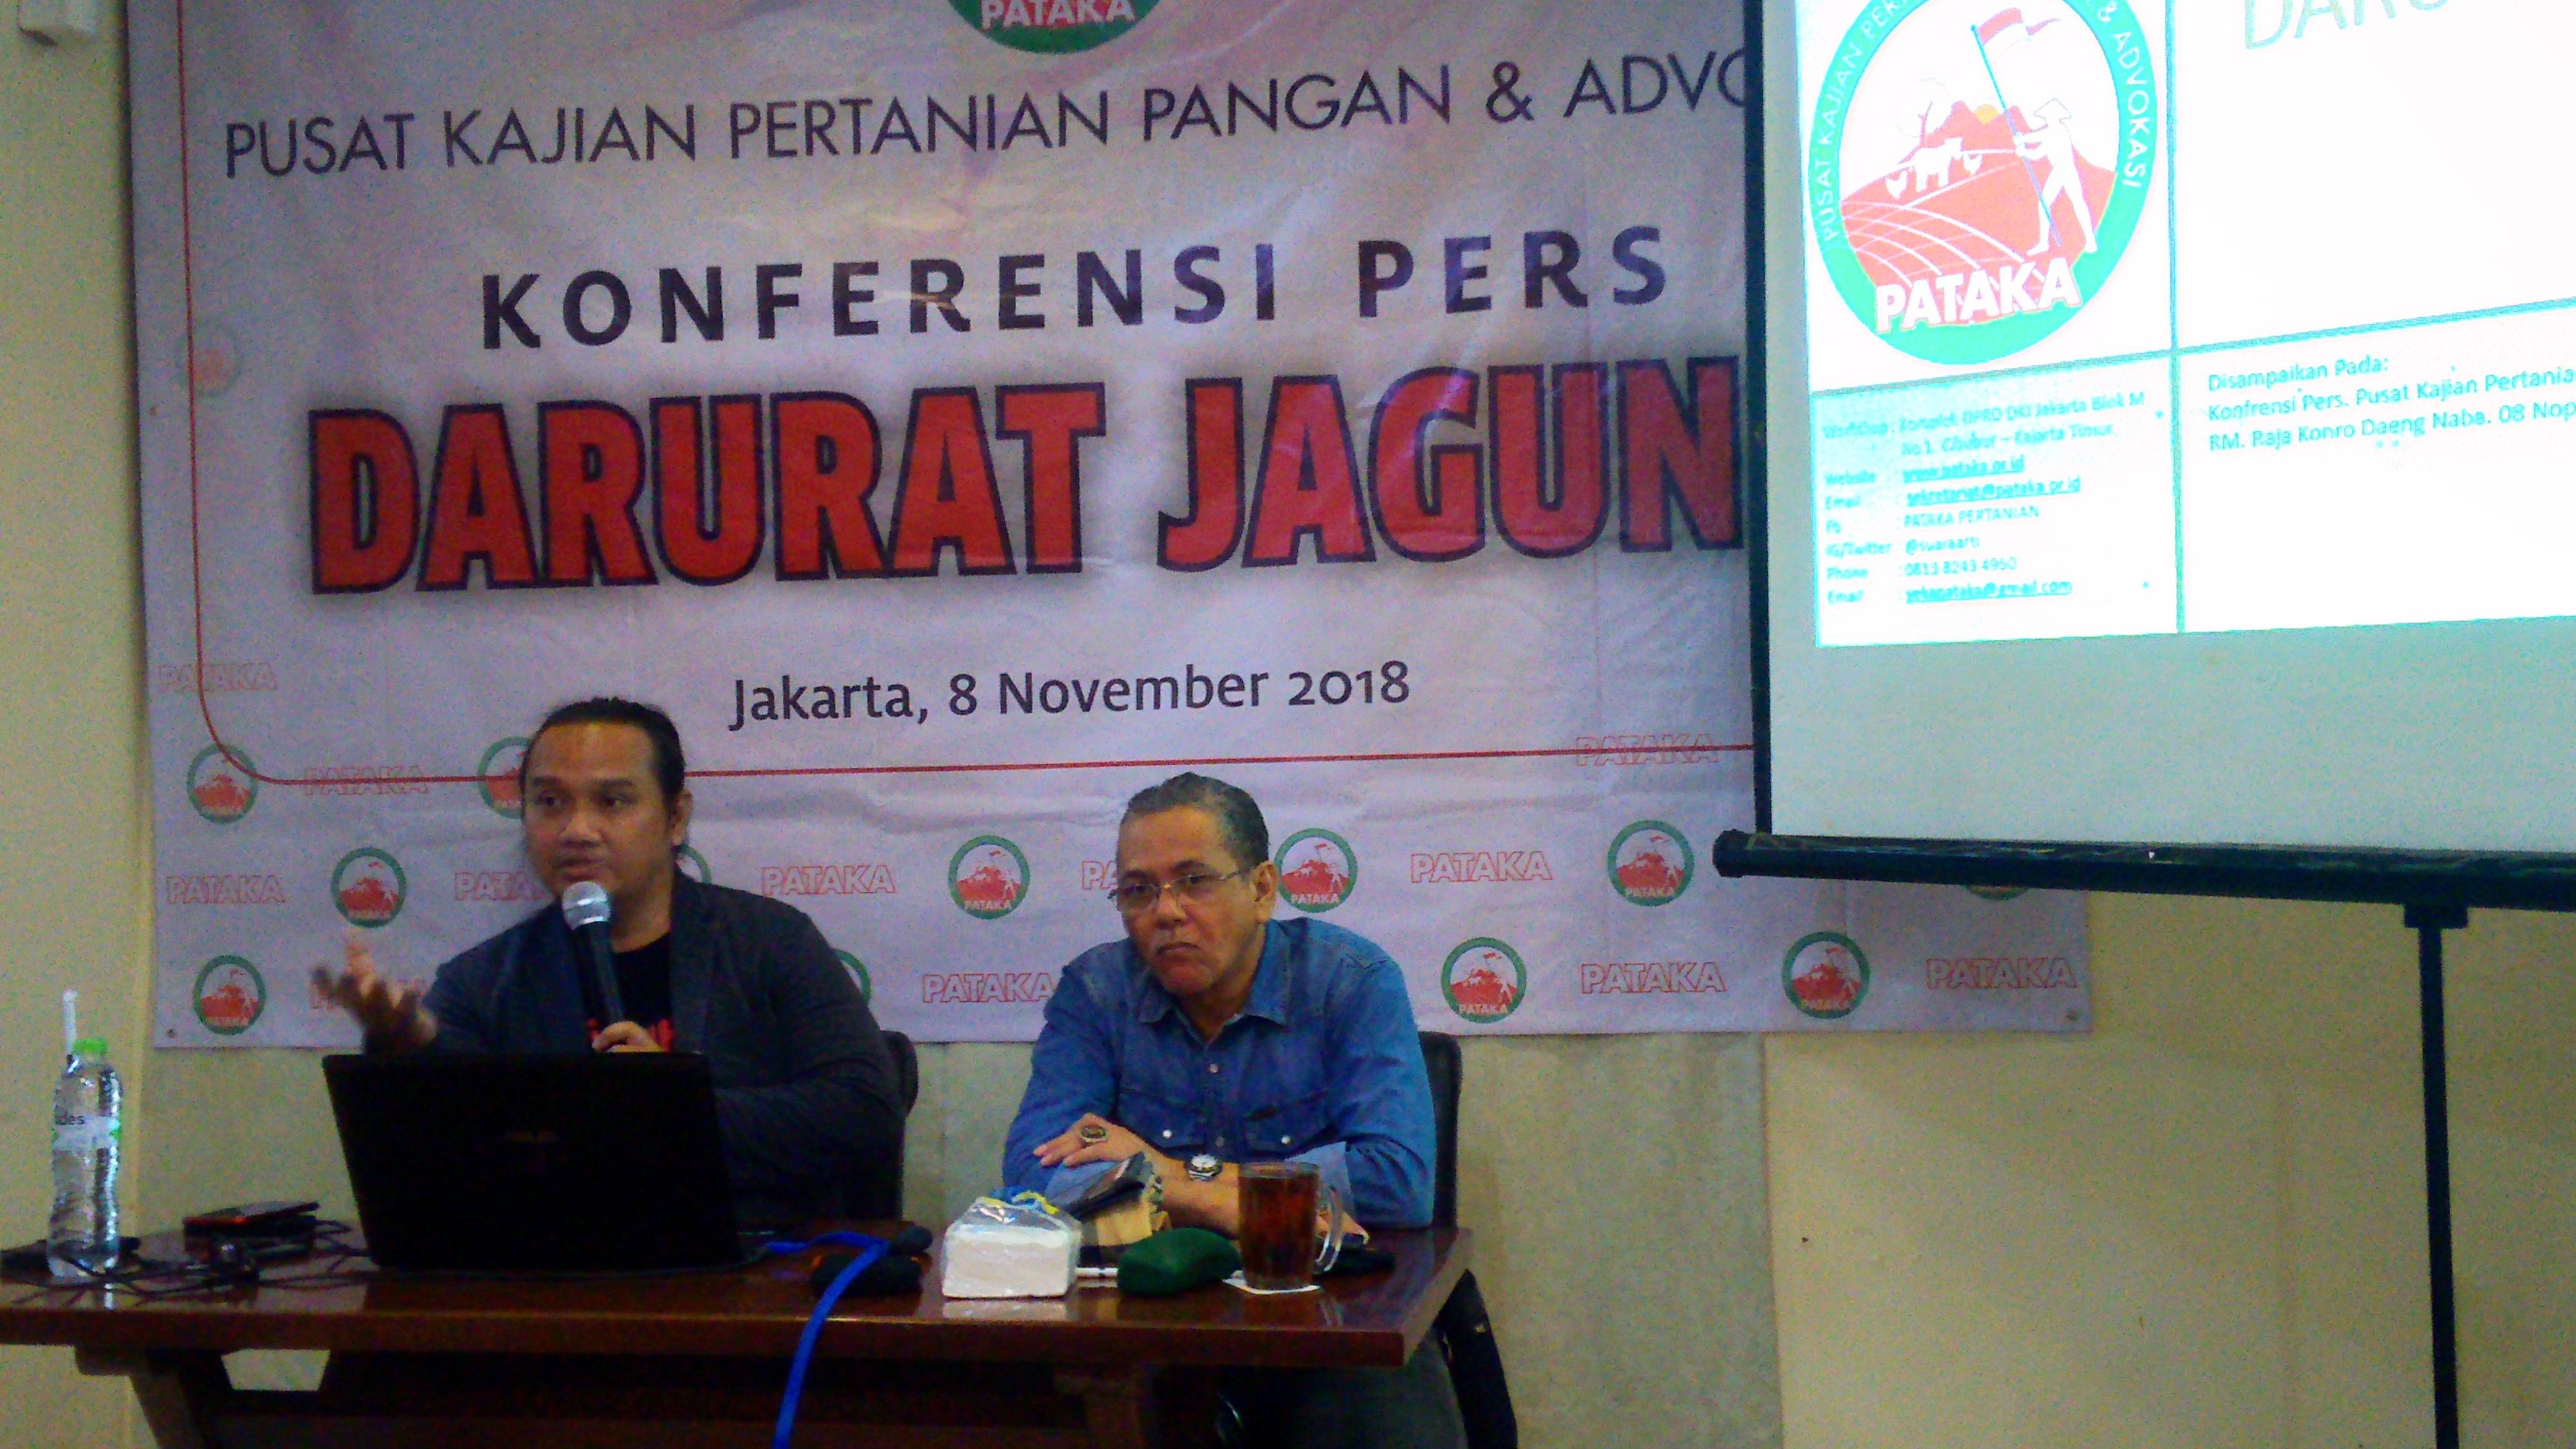 Direktur Eksekutif Pertanian Pangan dan Advokasi (Pataka), Yeka Hendra Fatika dan Presiden Peternak Ayam Petelur (Layer) Nasional, Musbar Mesdi